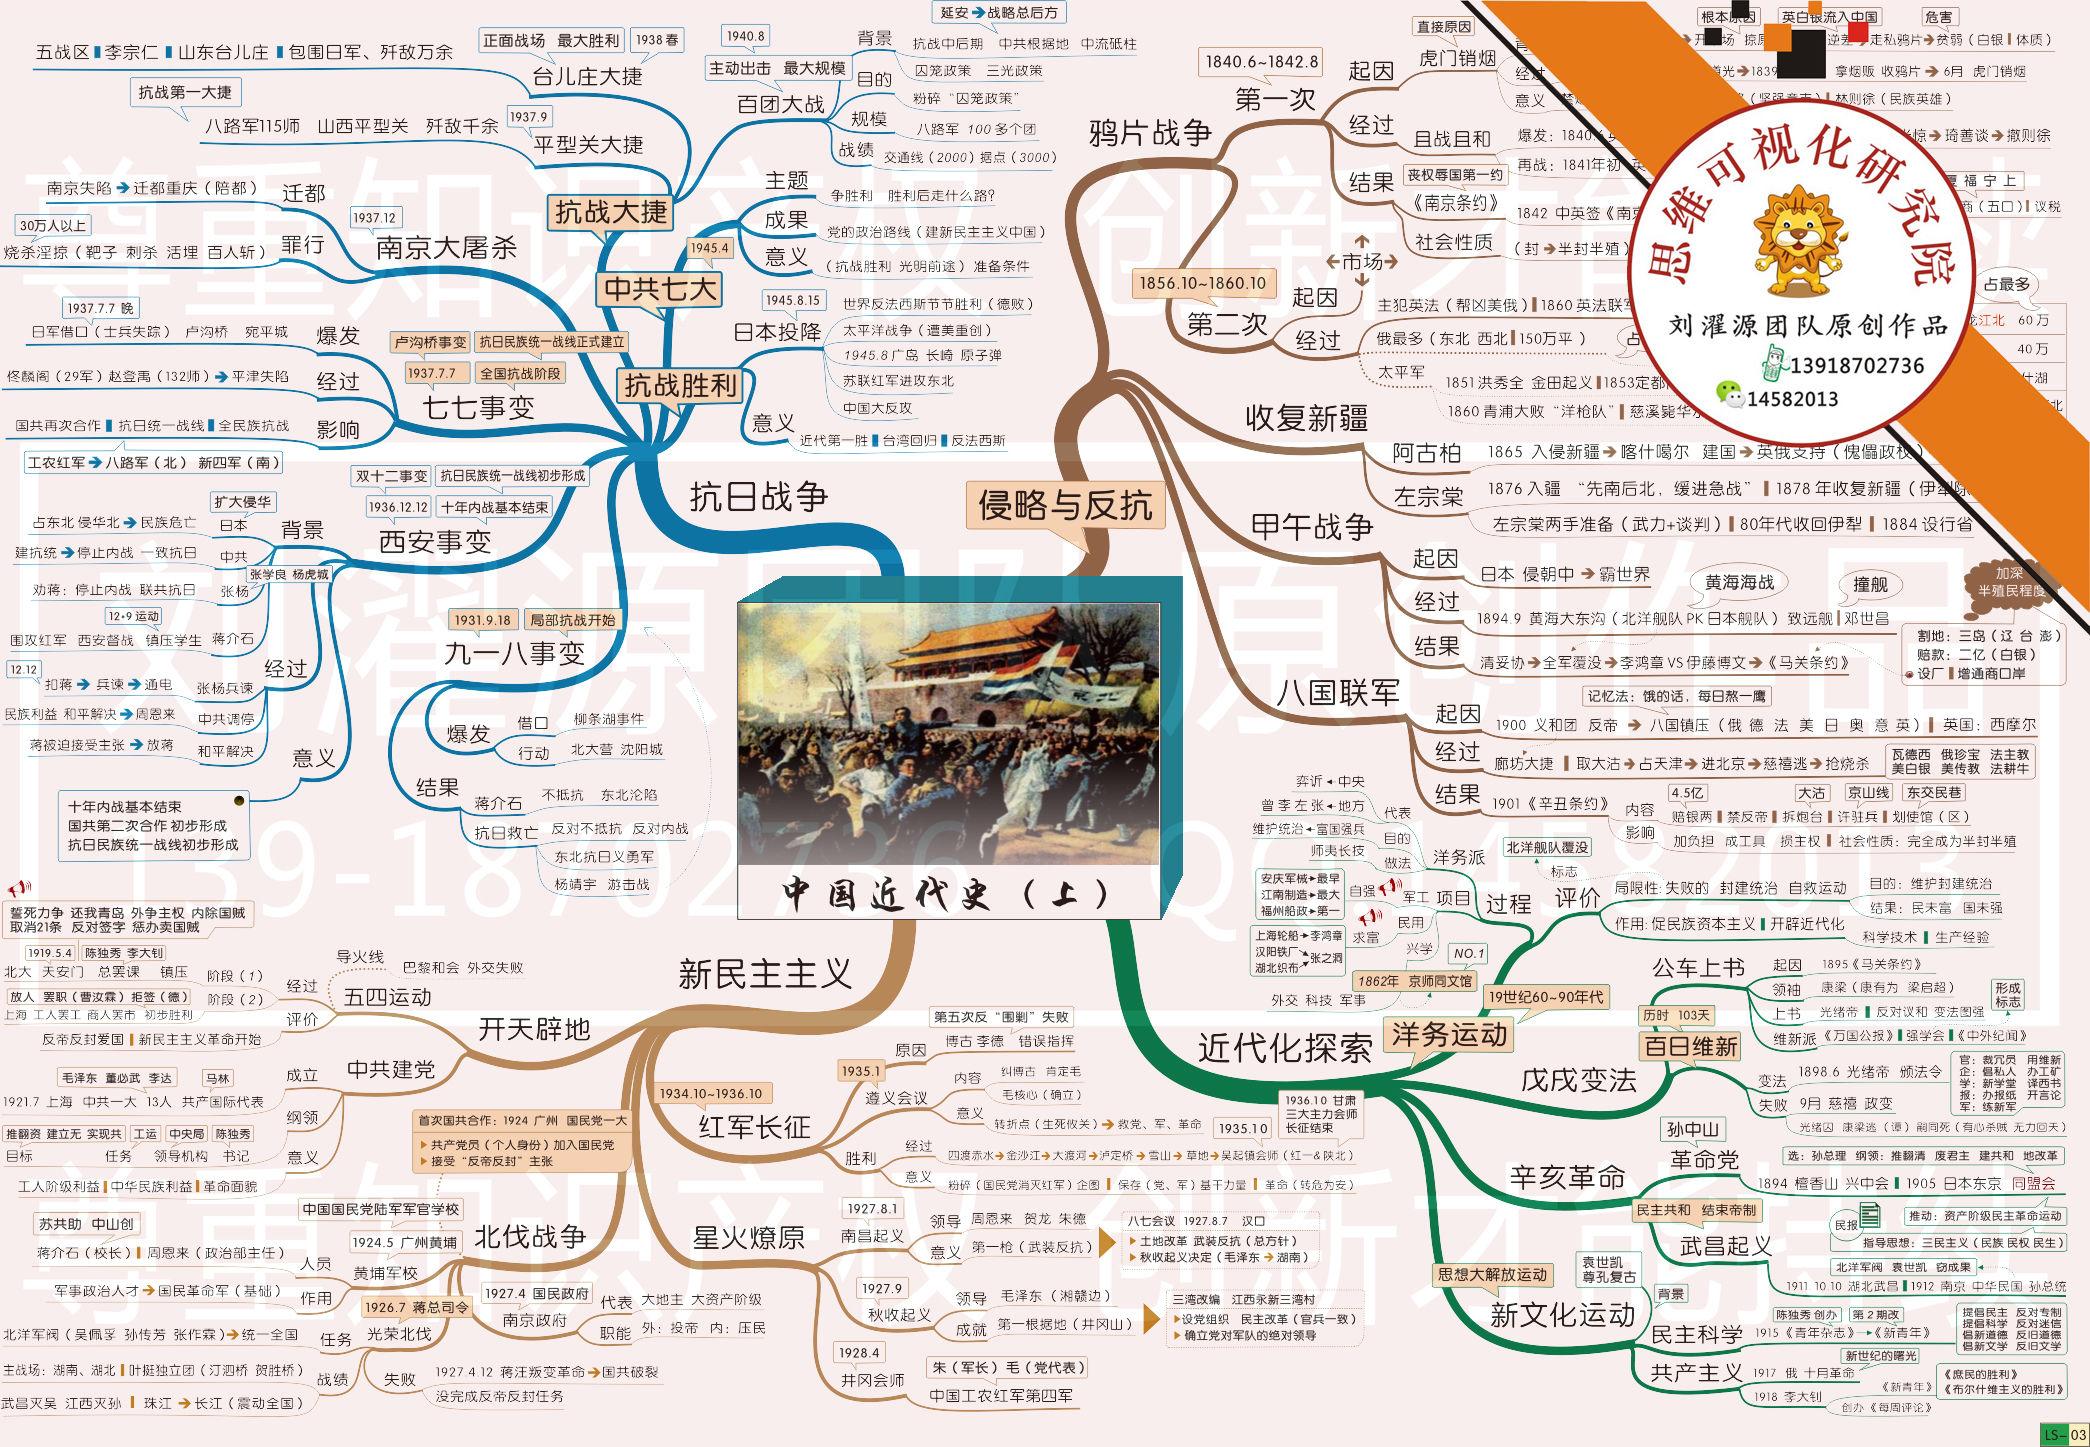 就参考这张思维可视化研究院,刘濯源教授团队的初中历史学科思维导图图片